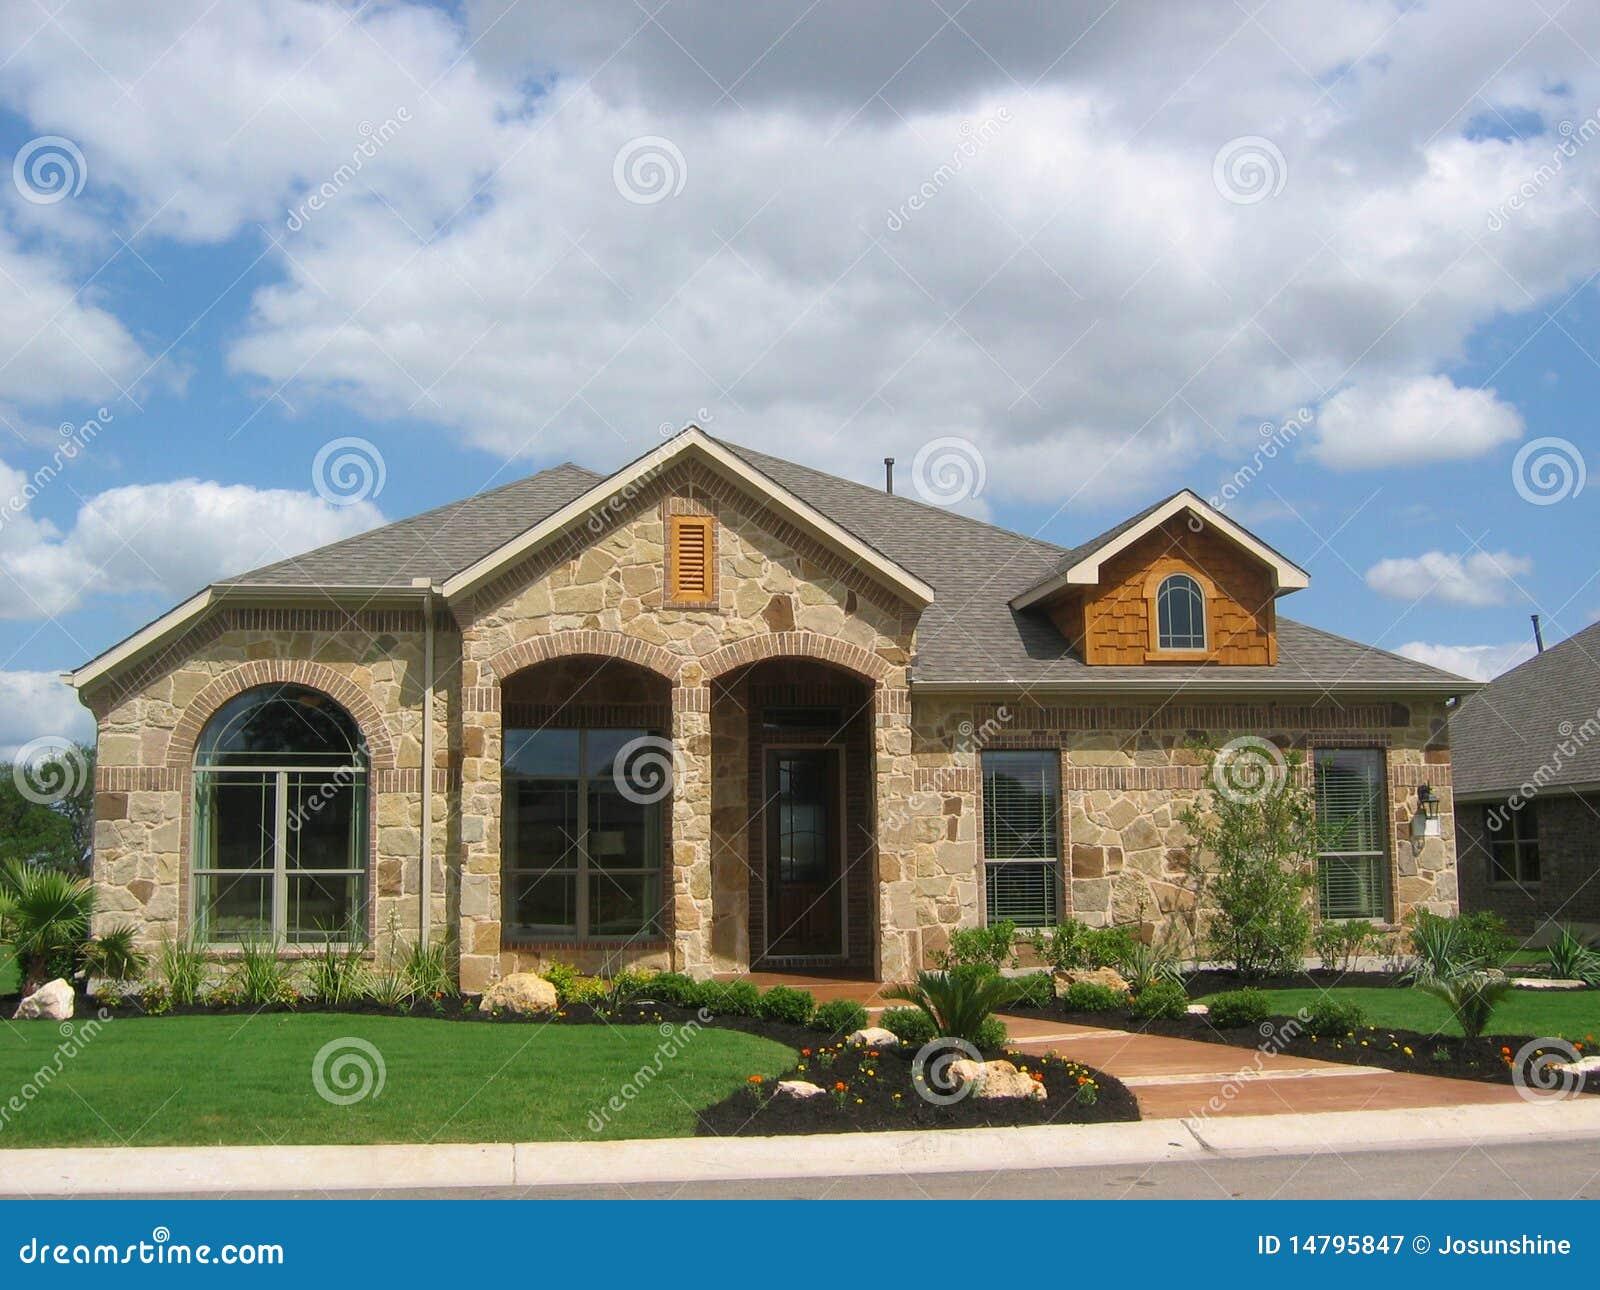 Tapume de madeira da casa de pedra imagem de stock - Fotos de casas de madera y piedra ...